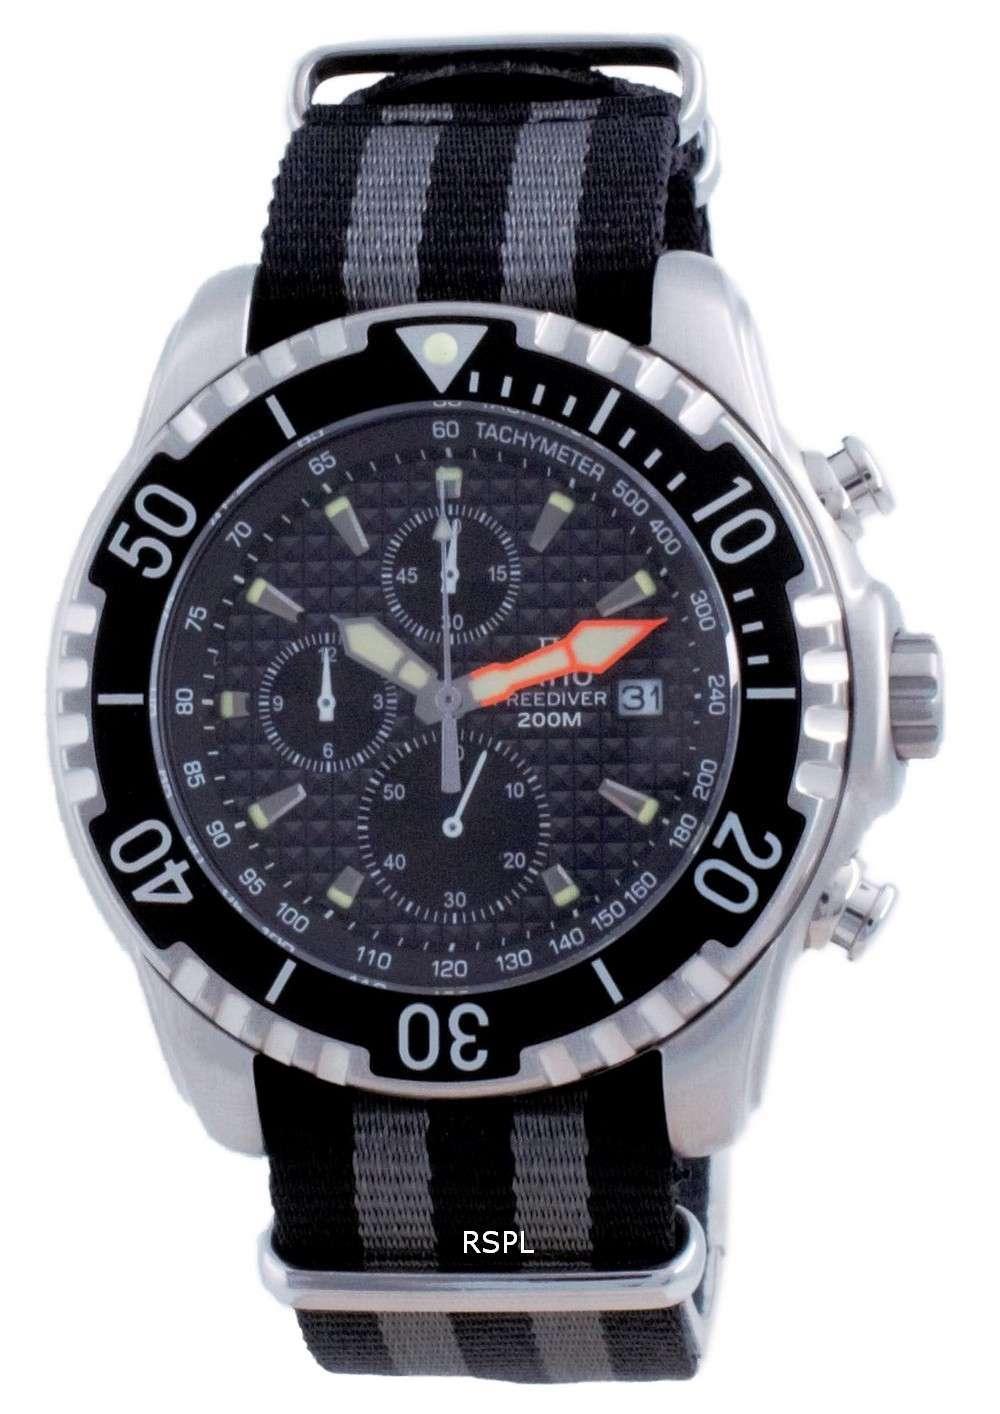 Ratio Free Diver Cronógrafo Nylon Quartz Diver&#39,s 48HA90-17-CHR-BLK-var-NATO1 200M Reloj para hombre